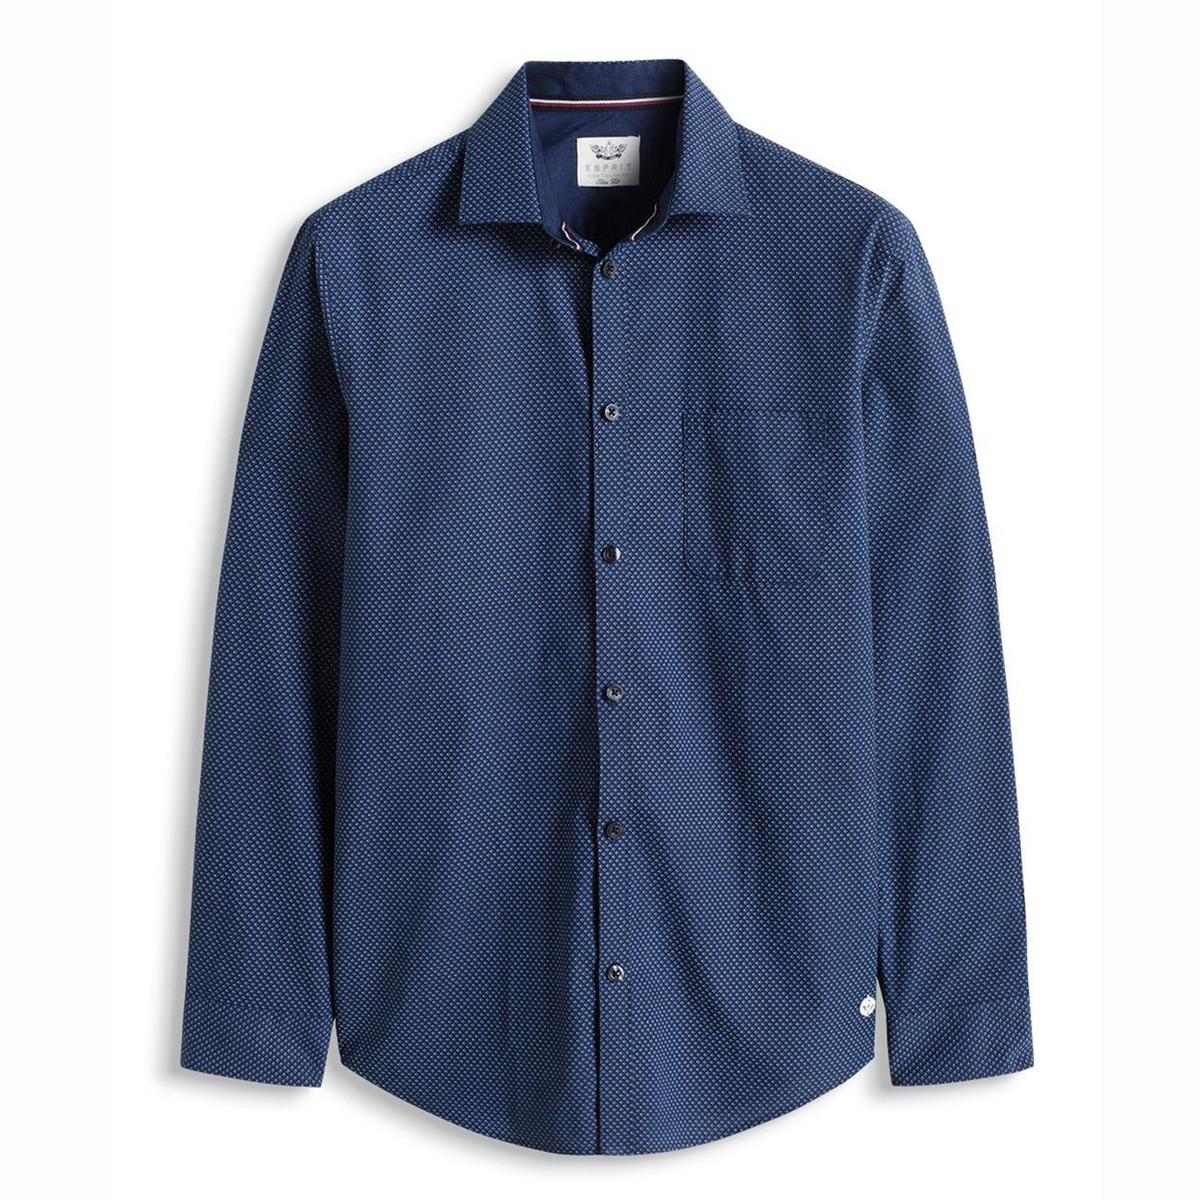 Рубашка с рисункомРубашка с рисунком, с длинными рукавами - ESPRIT. Прямой покрой, классический воротник со свободными уголками. Застежка на пуговицы. 1 нагрудный карман.  Манжеты с пуговицами. Слегка закругленный низ. Состав и описаниеМатериал: 100% хлопка.Марка: ESPRIT.<br><br>Цвет: темно-синий